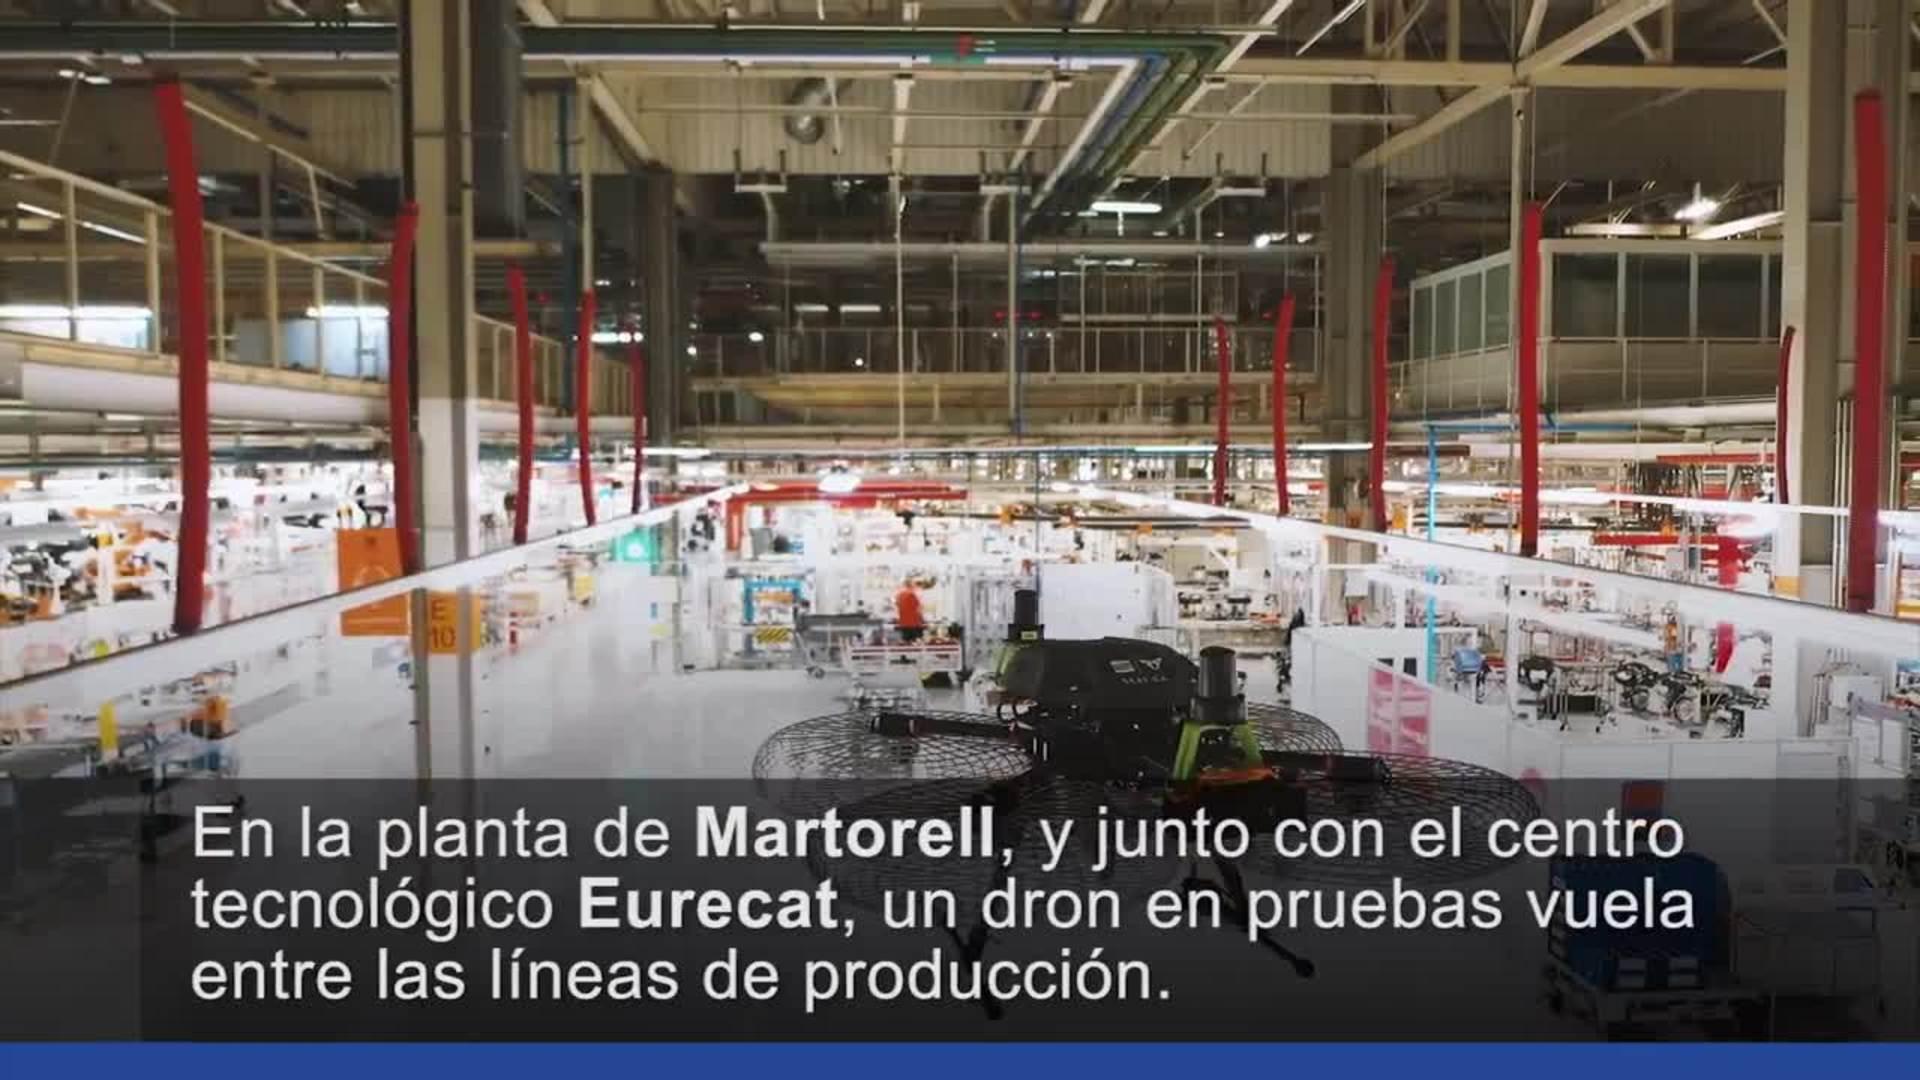 La fábrica de Seat explora las posibilidades de los drones para optimizar el suministro logístico